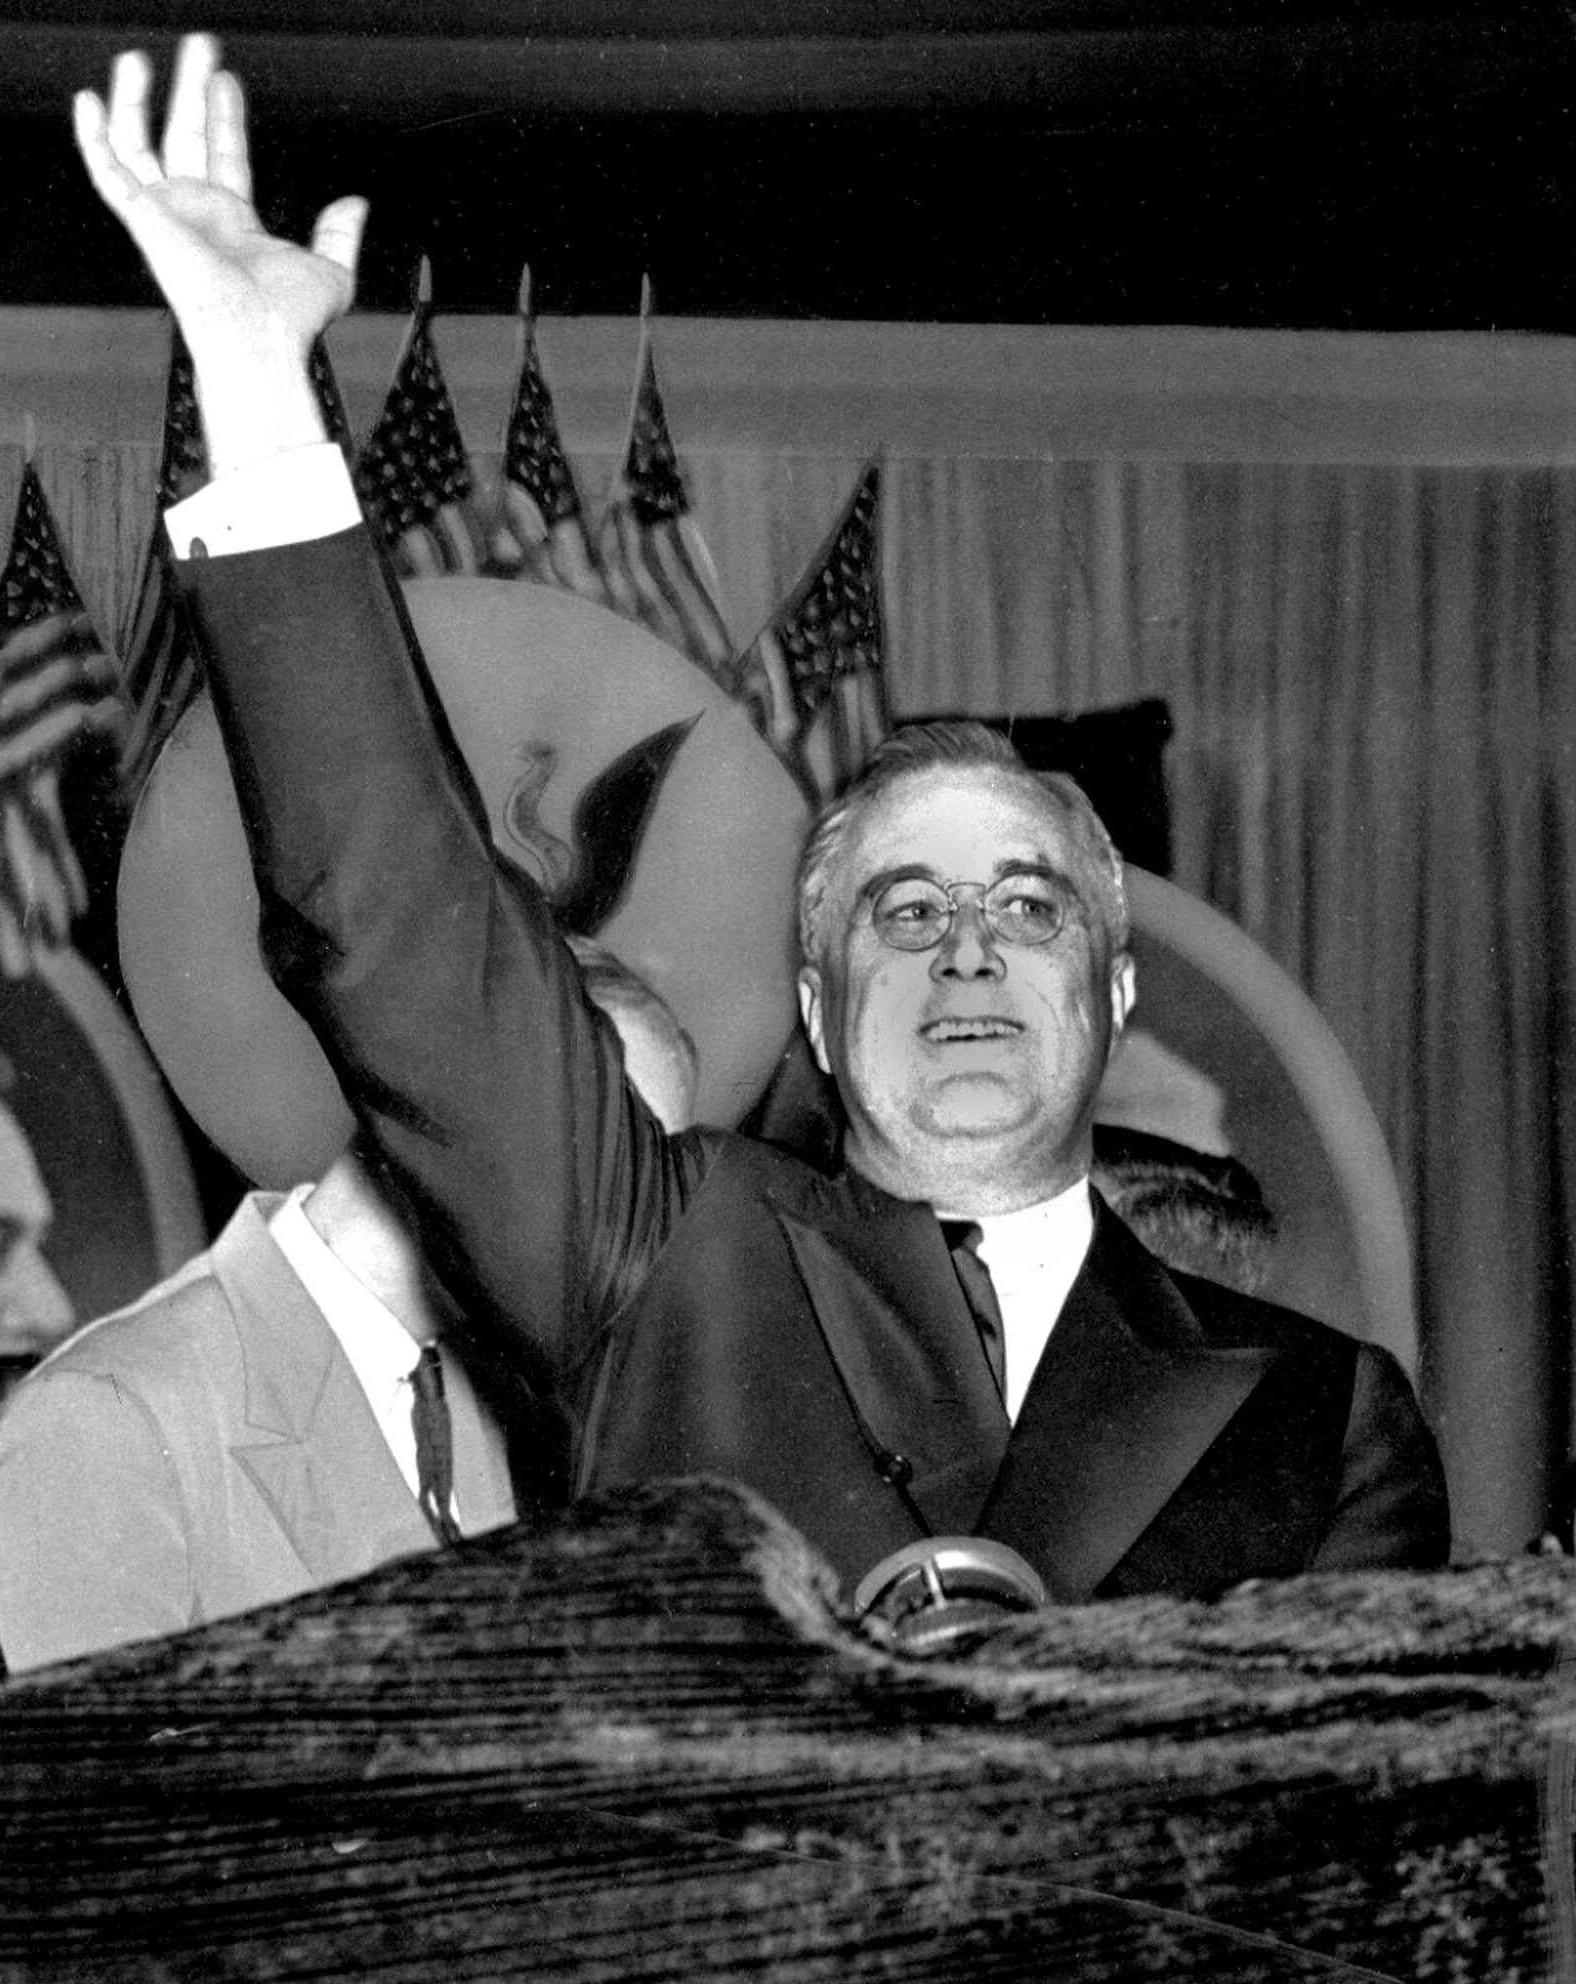 1936年6月23日,羅斯福總統競選連任,在賓州費城民主黨全國代表大會發表演說。(美聯社)